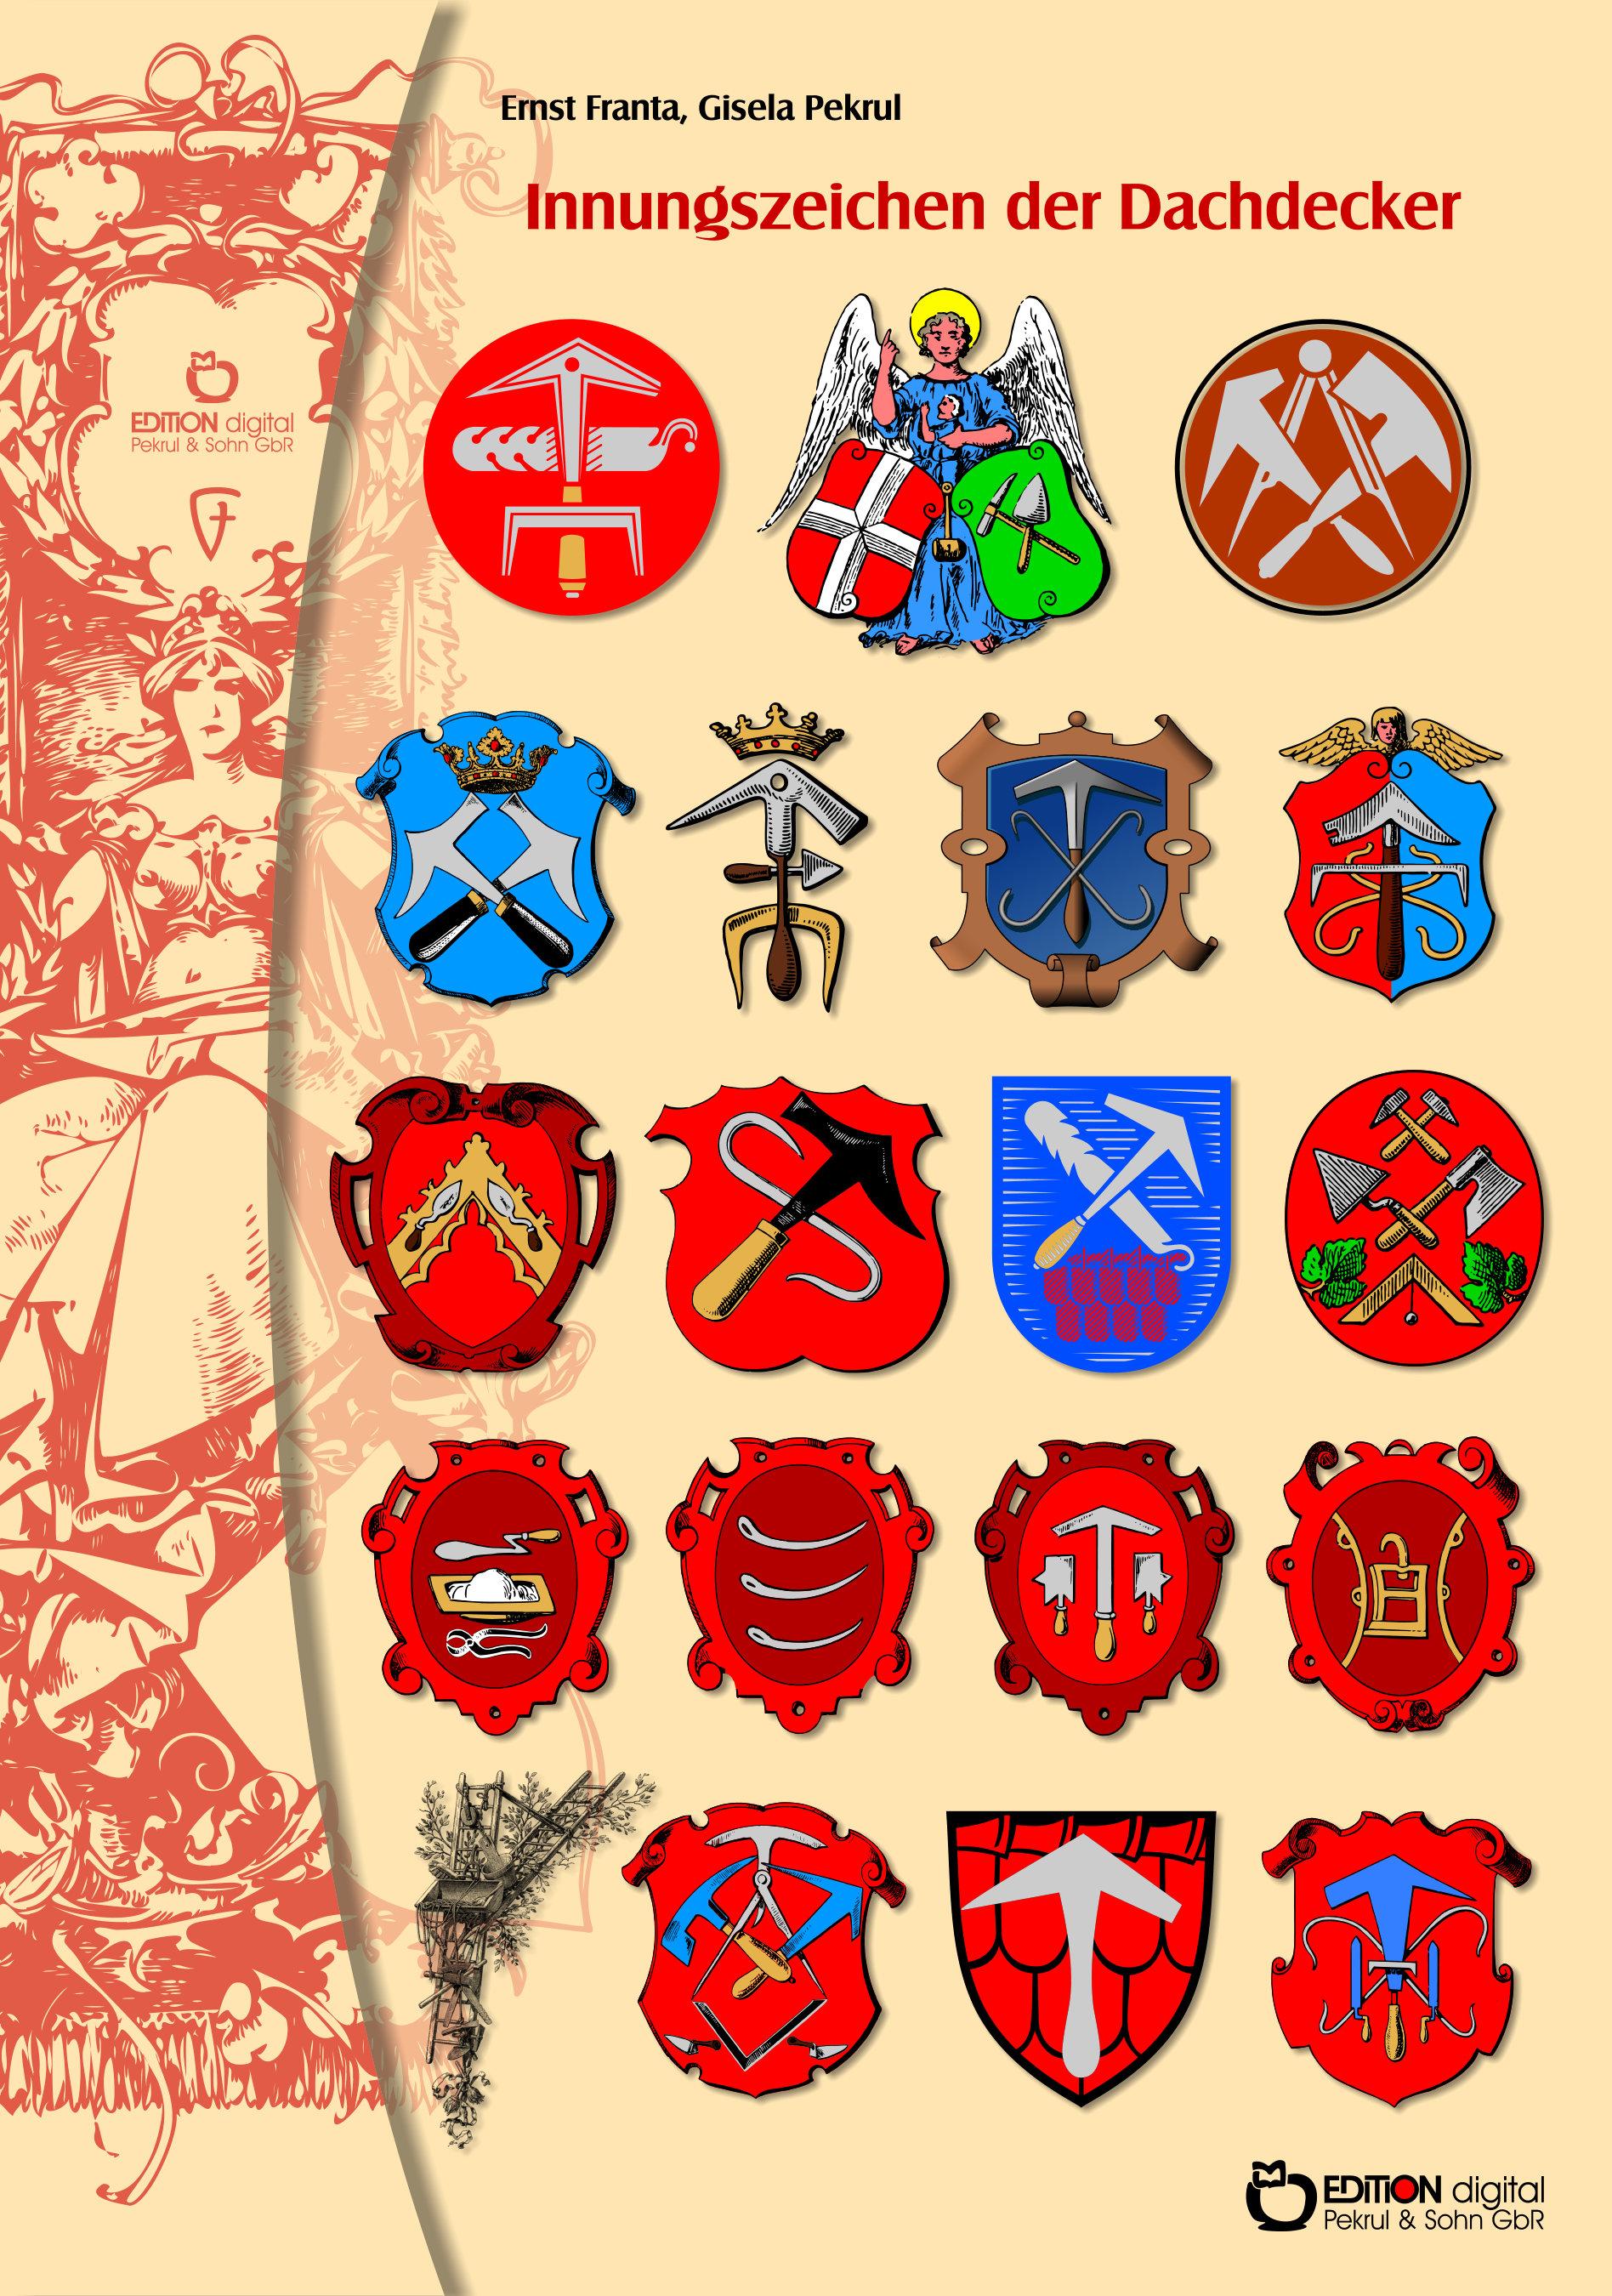 Innungszeichen der Dachdecker. Poster mit Beschreibung von Gisela Pekrul, Ernst Franta (Autor)